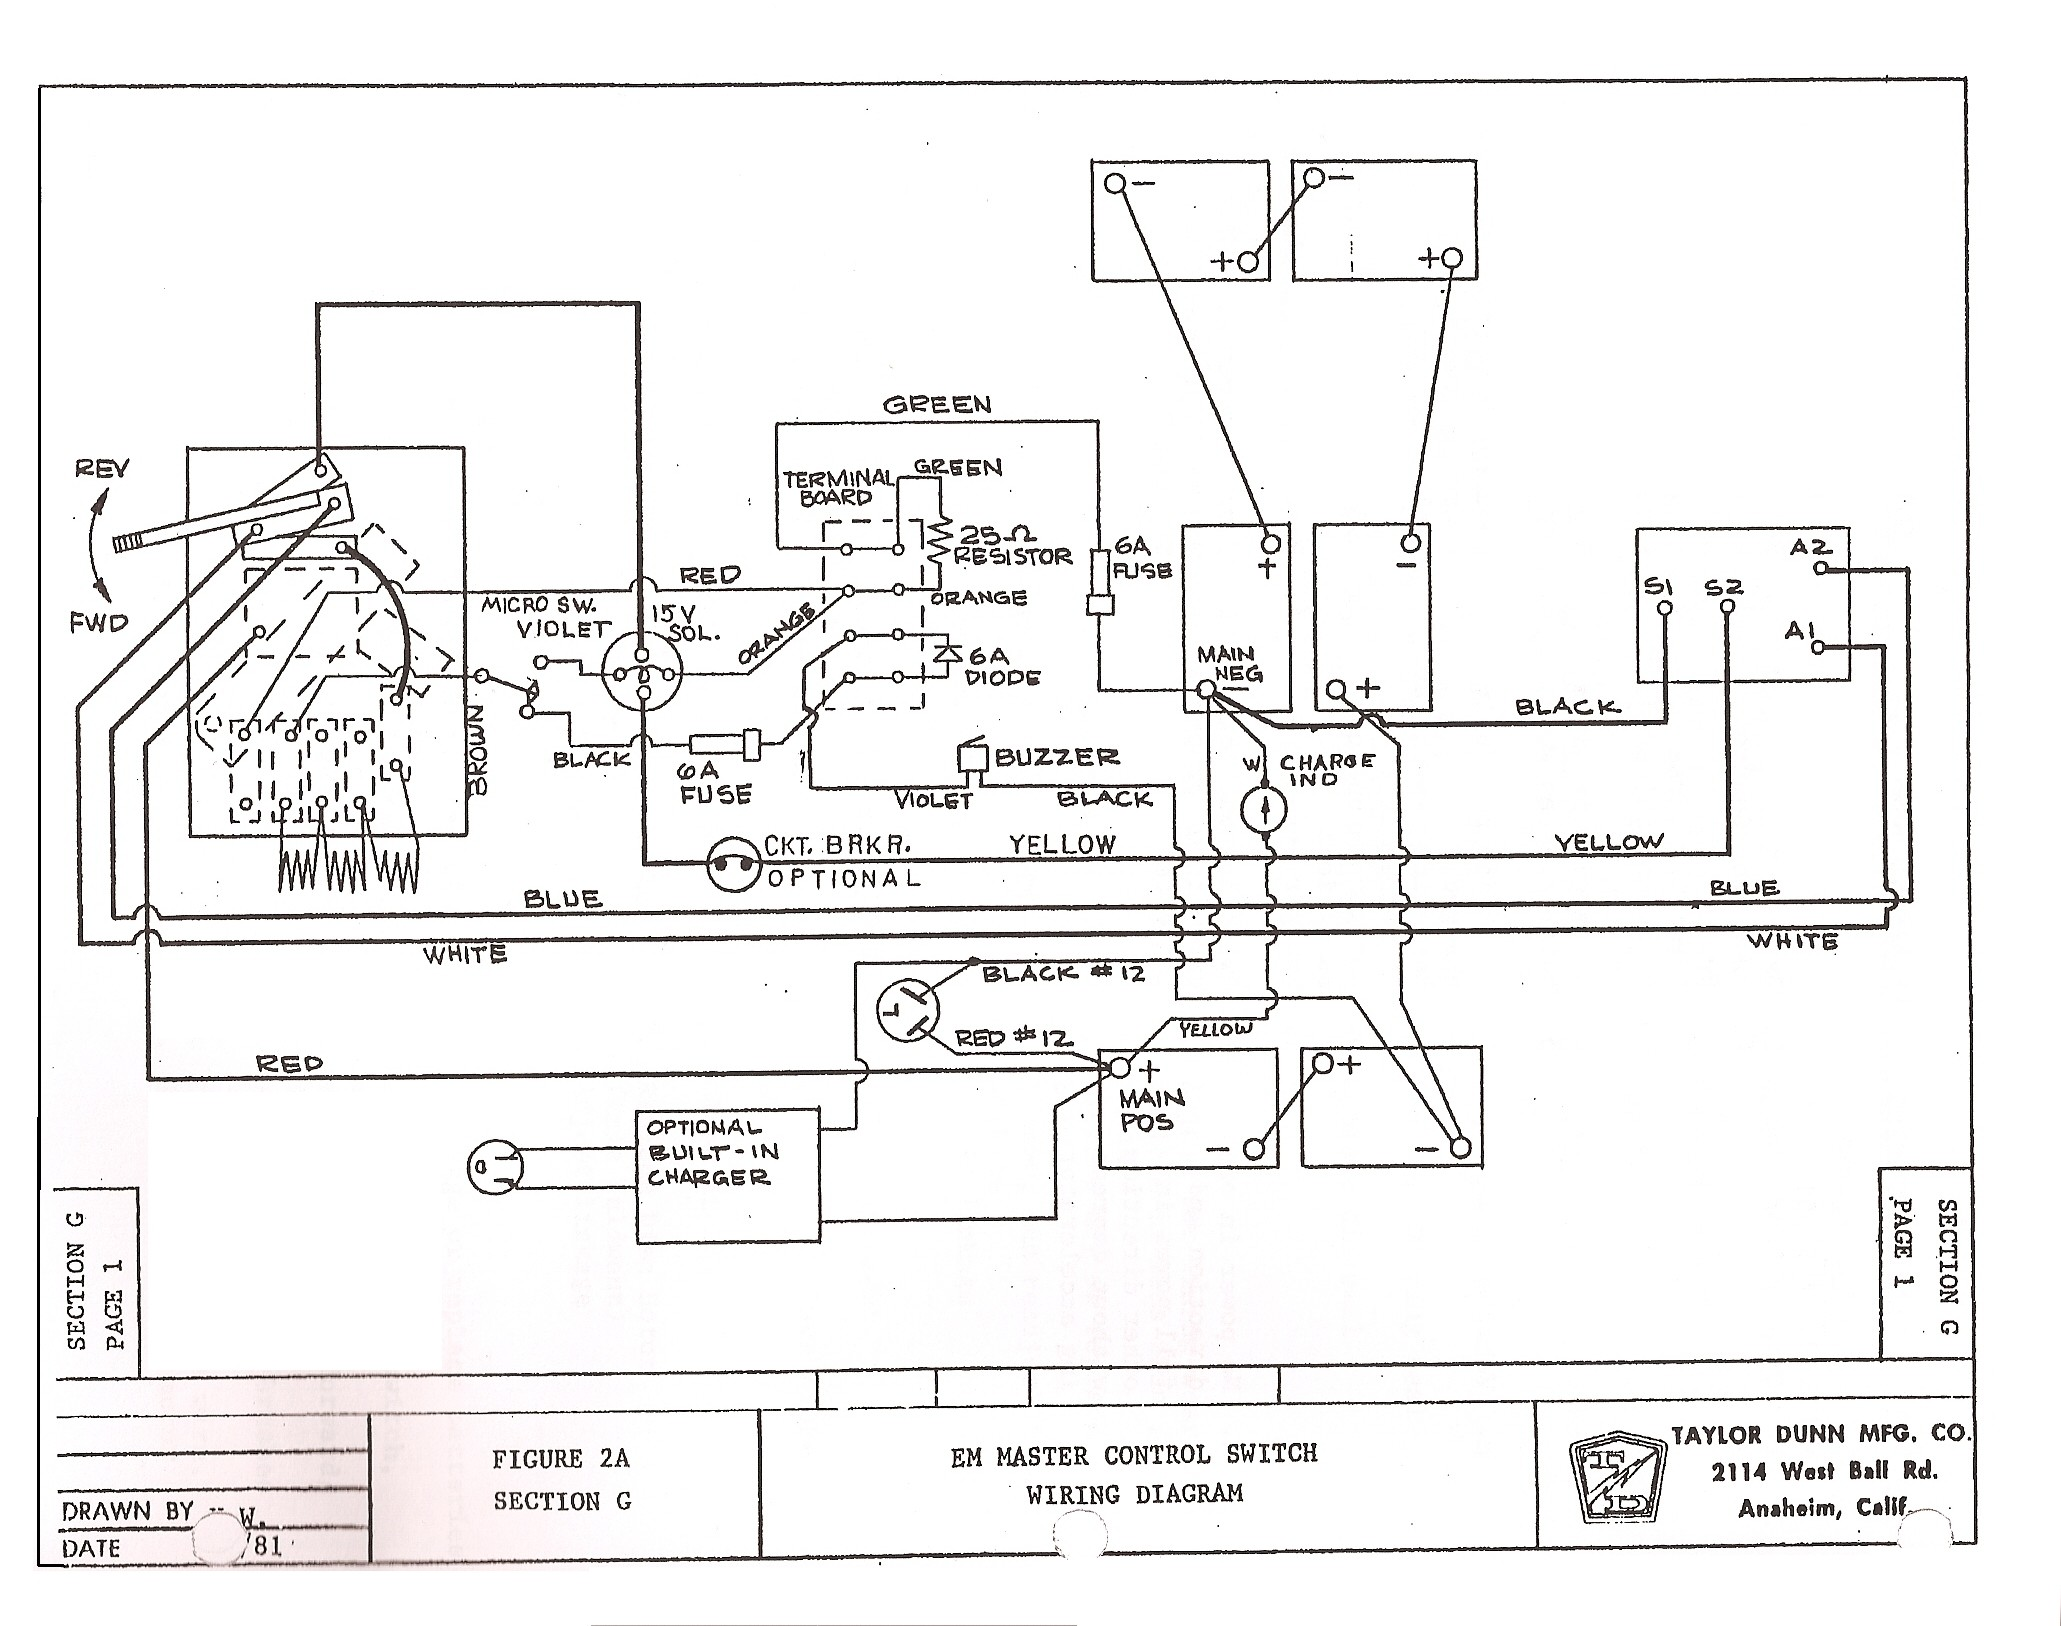 95 Gas Club Car Wiring Diagram Trusted Wiring Diagram 92 Club Car Wiring  Diagram 95 Club Car Wiring Diagram